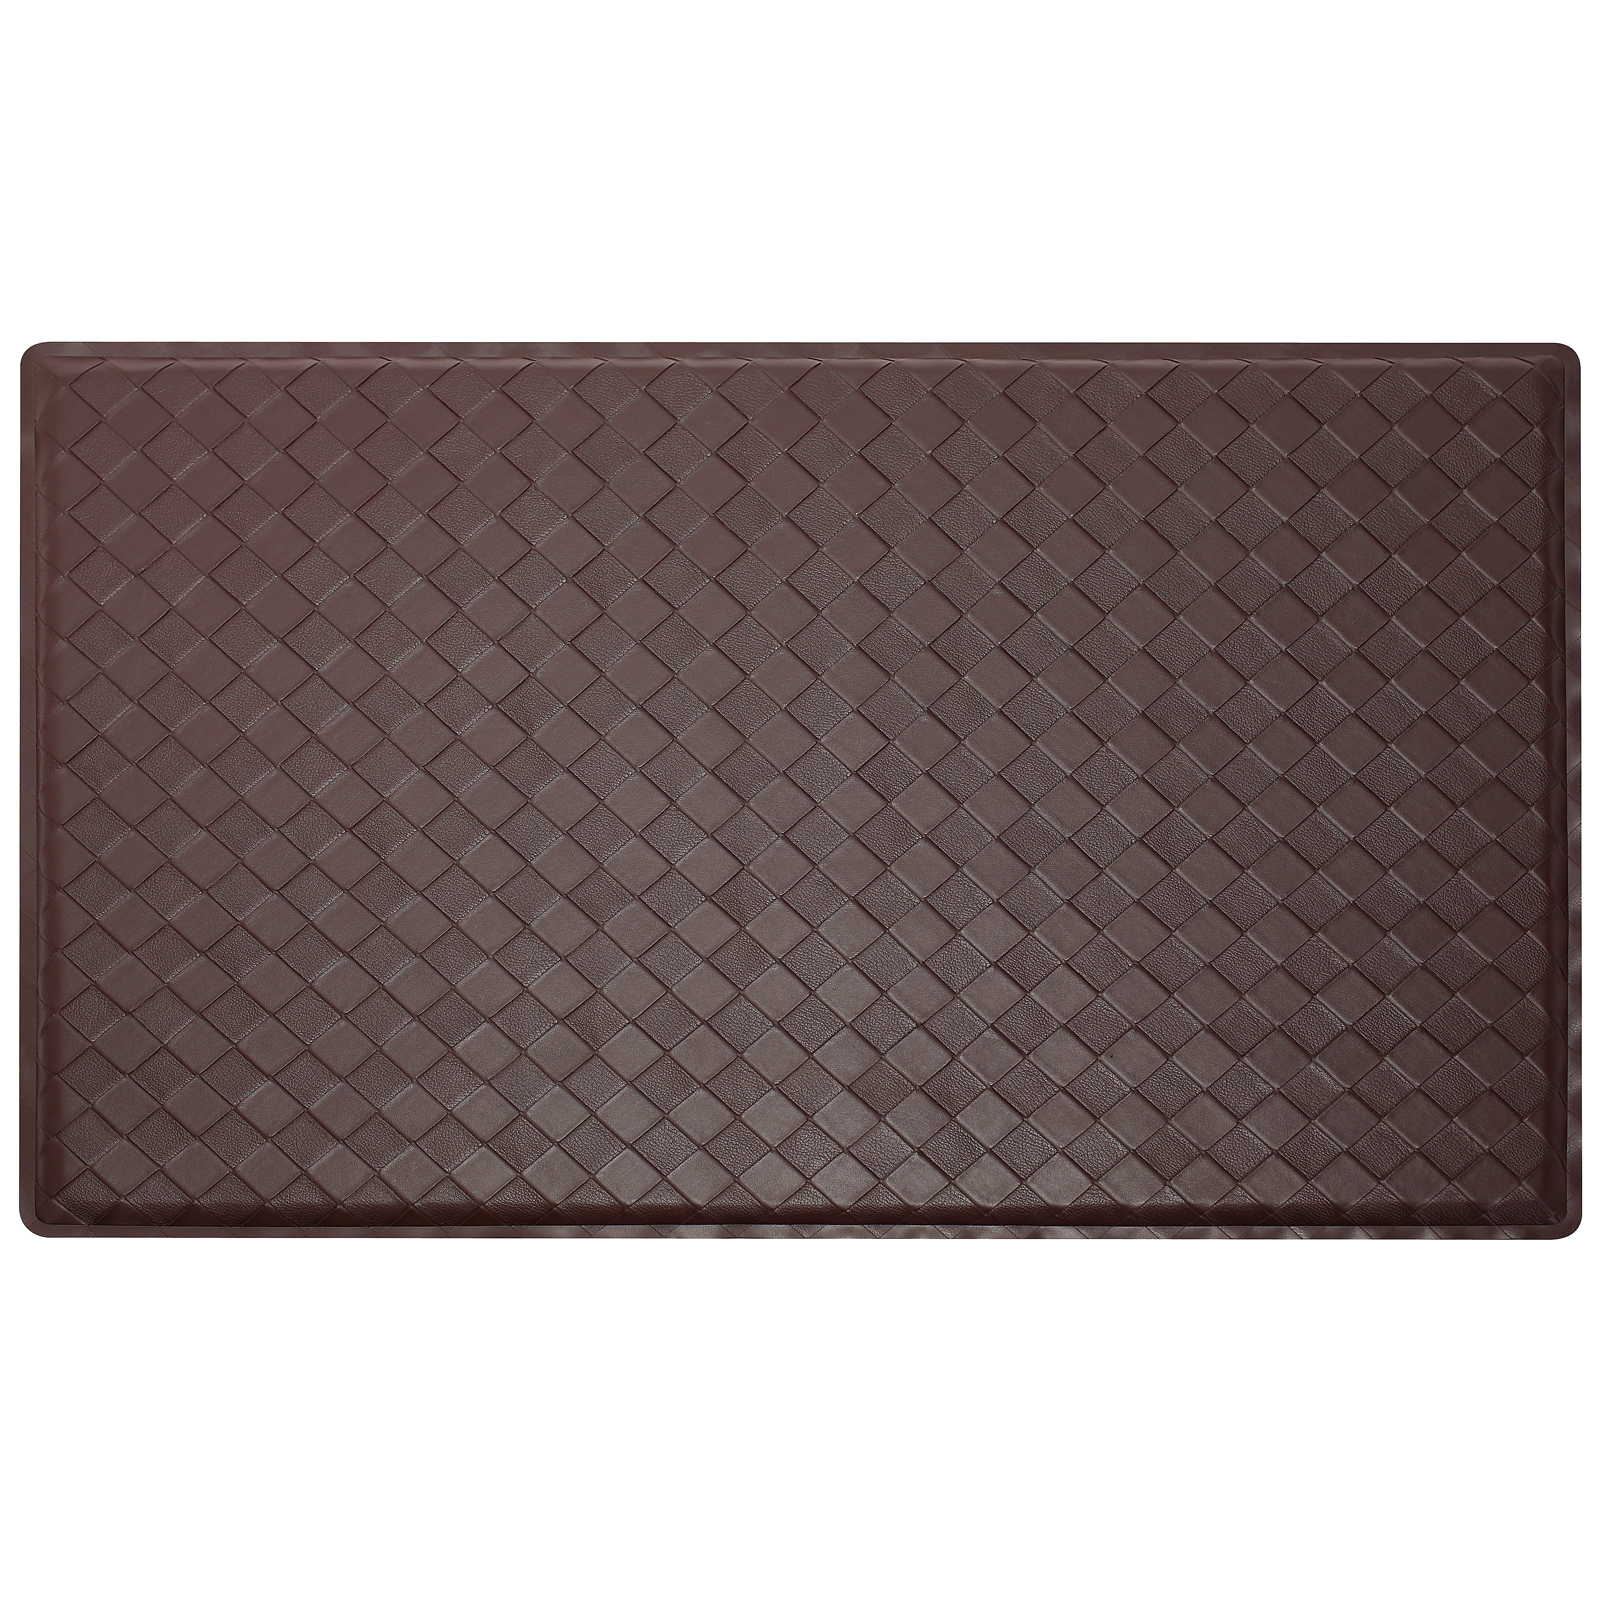 2 39 X 3 39 Modern Anti Fatigue Kitchen Floor Mat Rug Basket